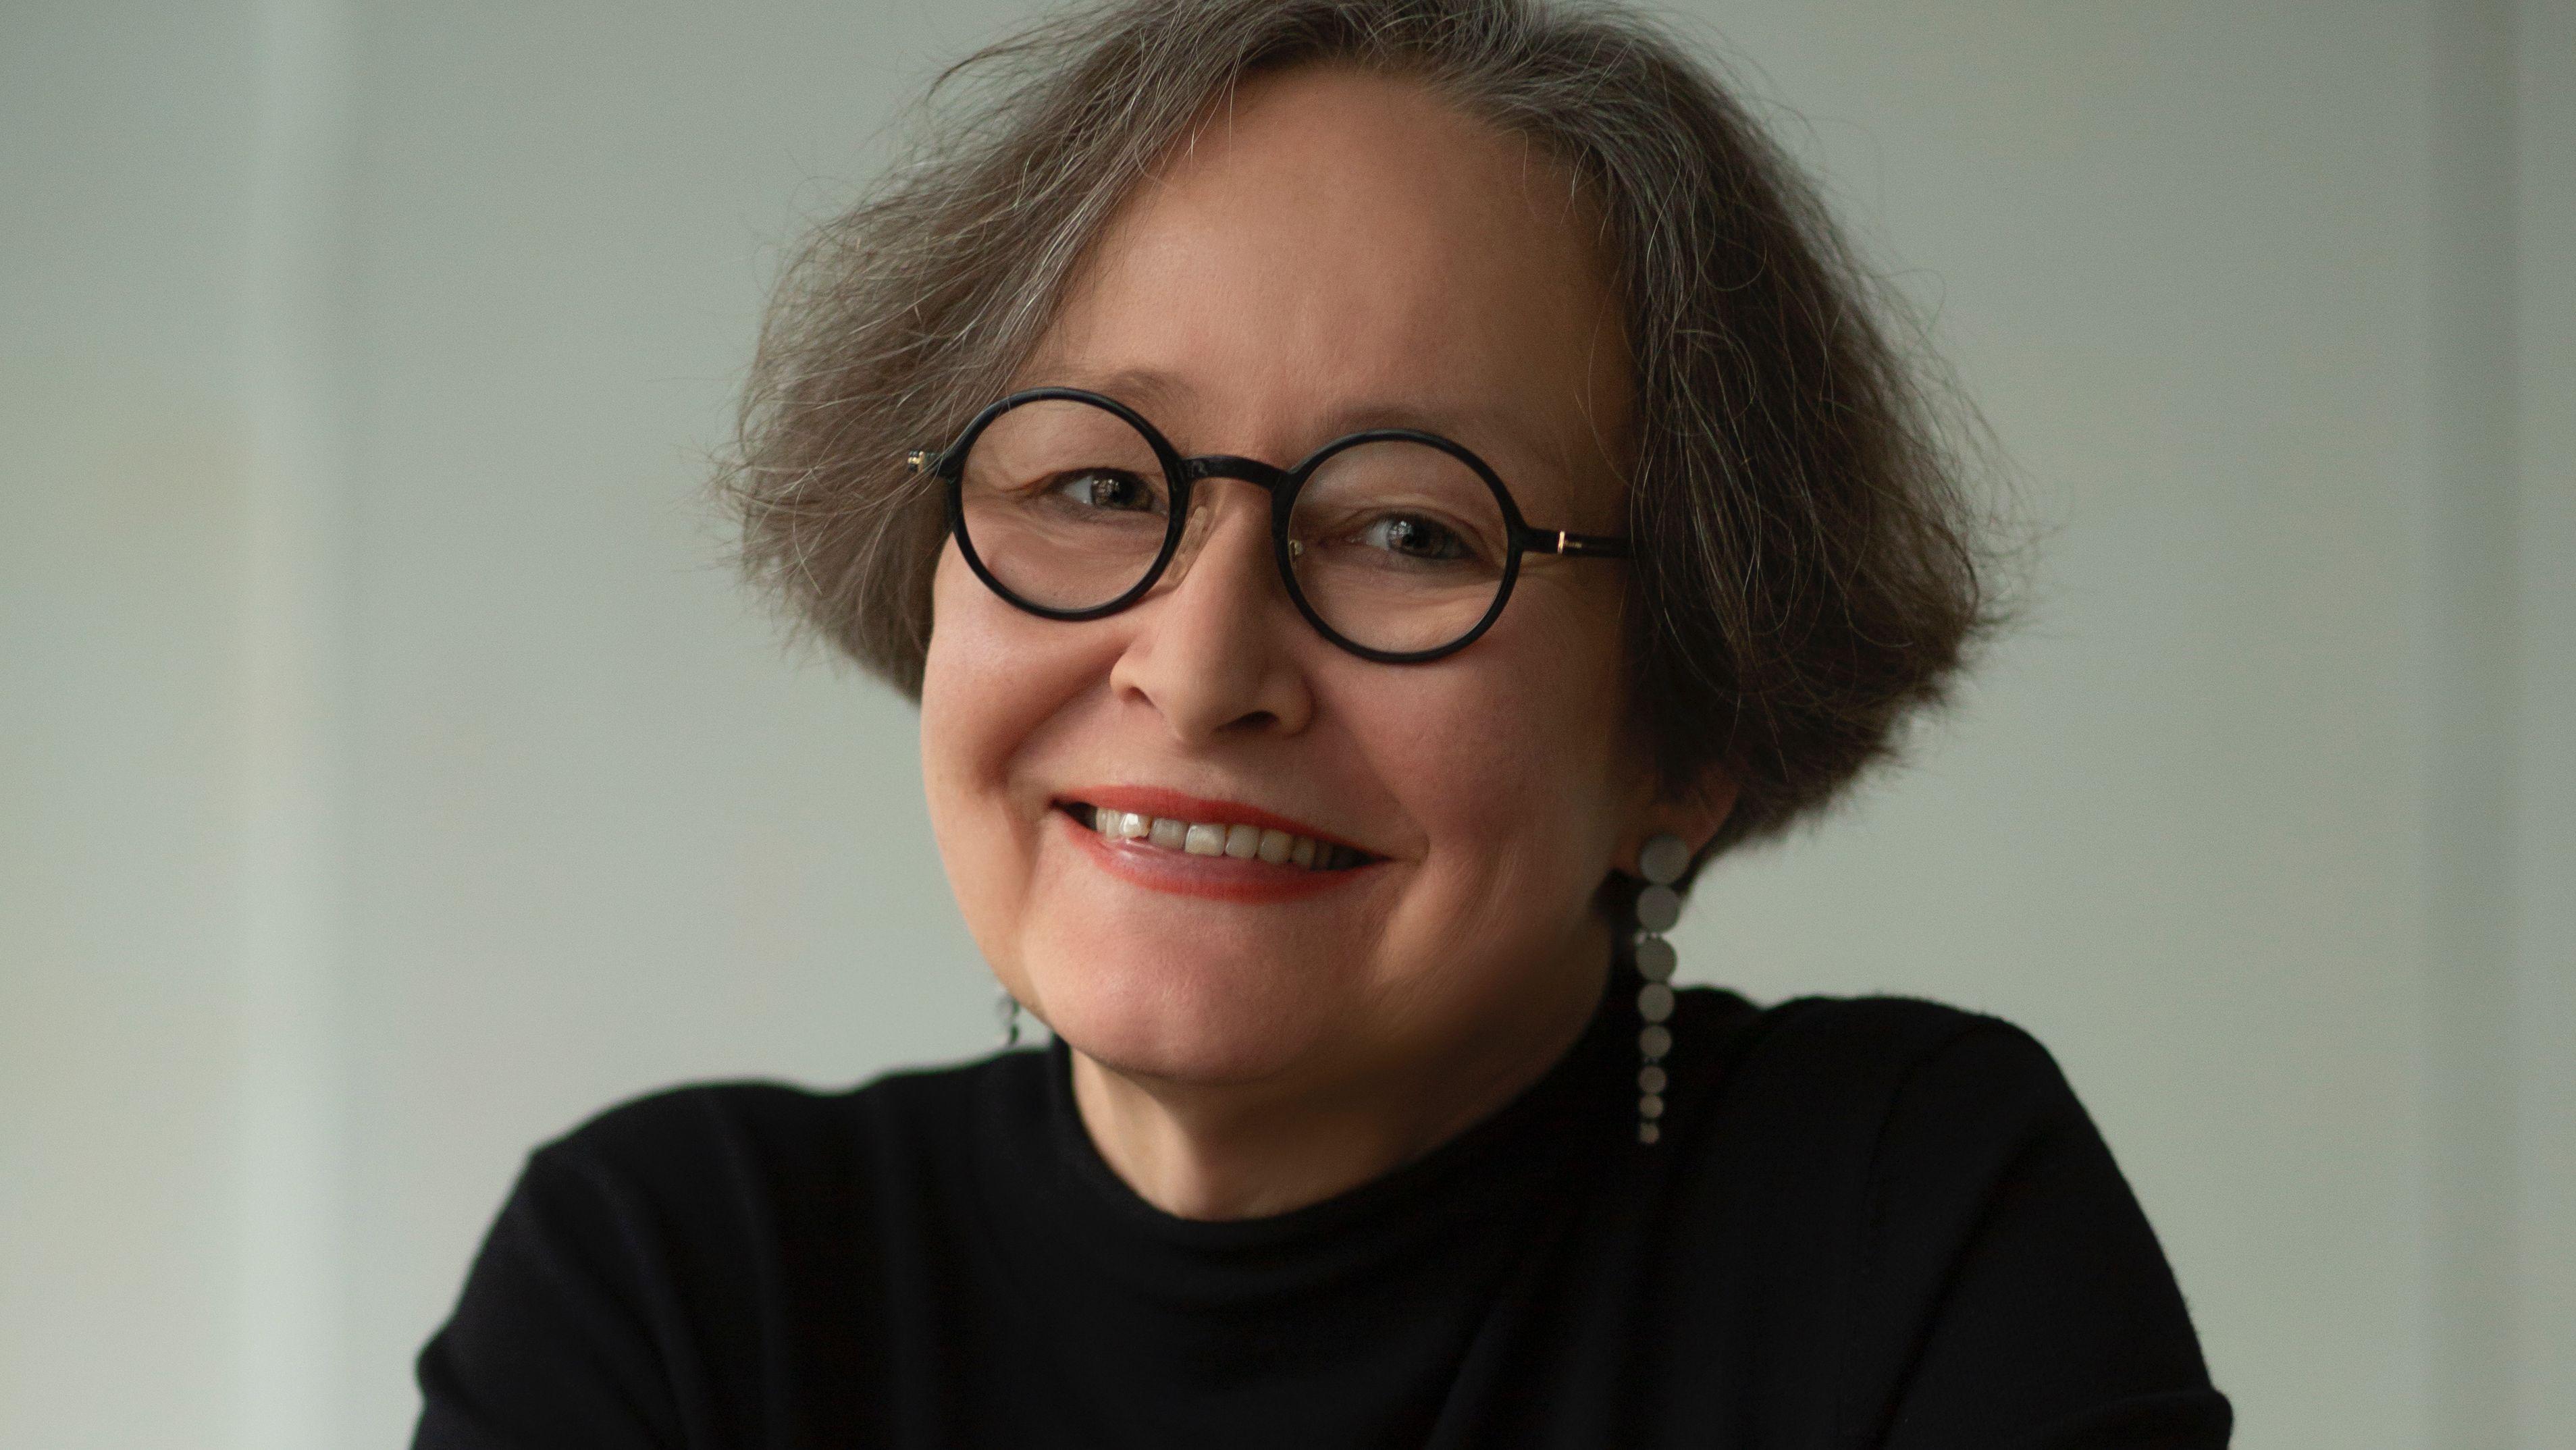 Ein Porträt der Schmuckgestalterin Alexandra Bahlmann, mit braunem Kurzhaarschnitt, markanter schwarz gerahmter Brille und Hängeohrringen